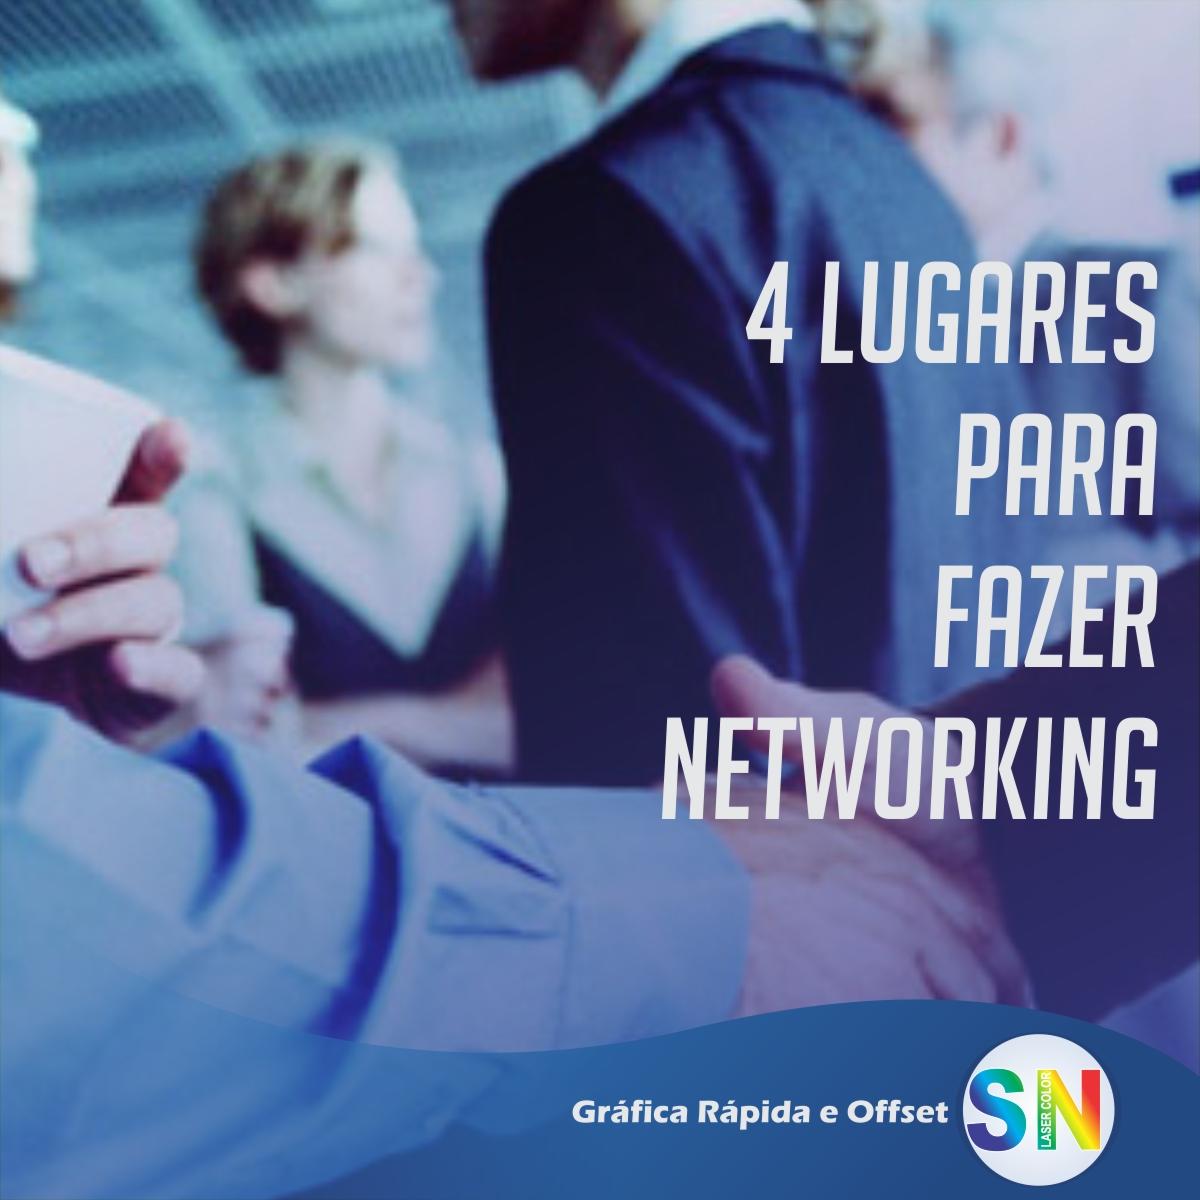 4 lugares para fazer networking